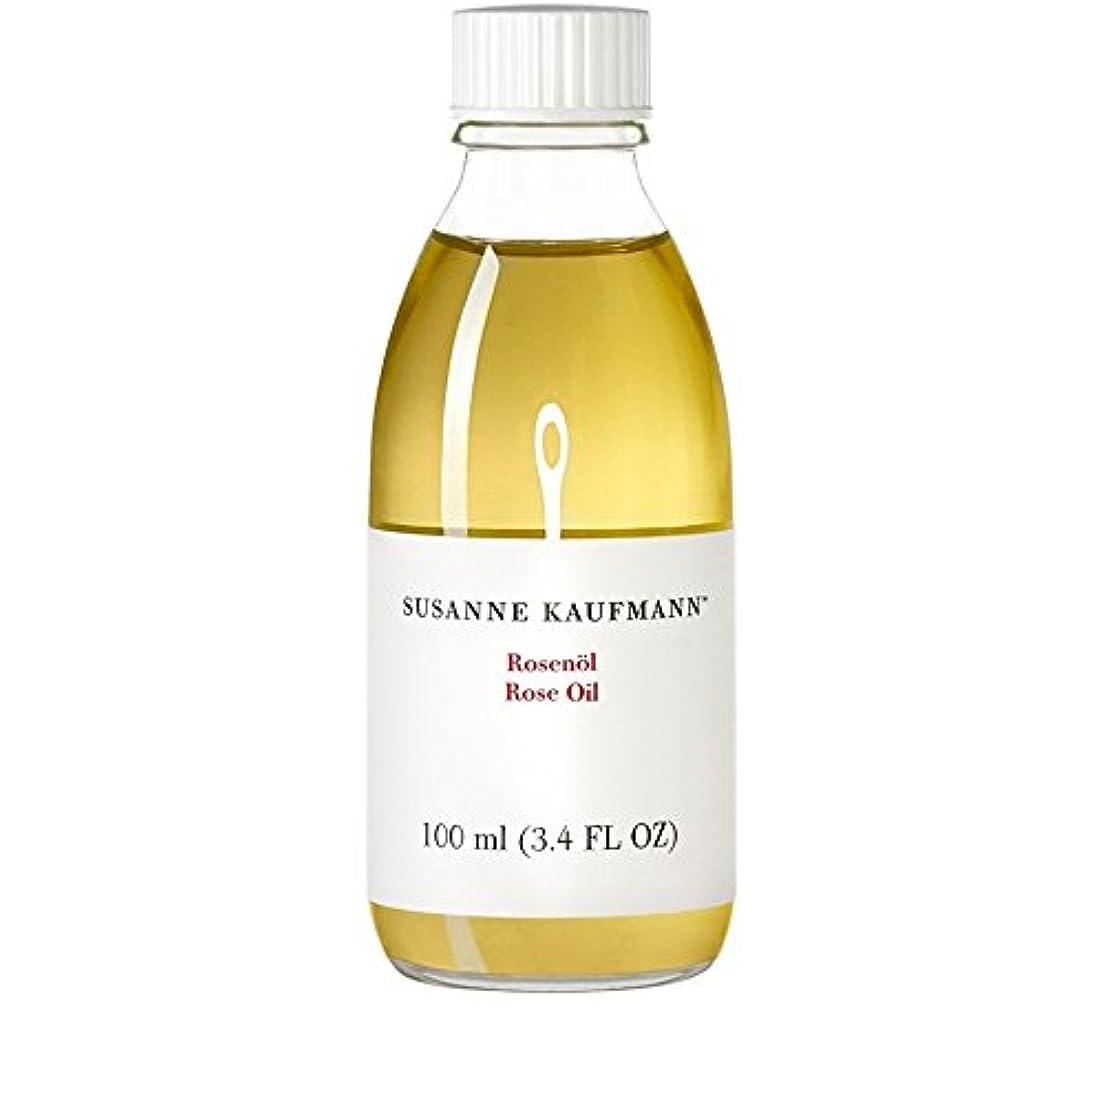 オフェンスポンドゴミスサン?カウフマンオイル100ミリリットルをバラ x4 - Susanne Kaufmann Rose Oil 100ml (Pack of 4) [並行輸入品]